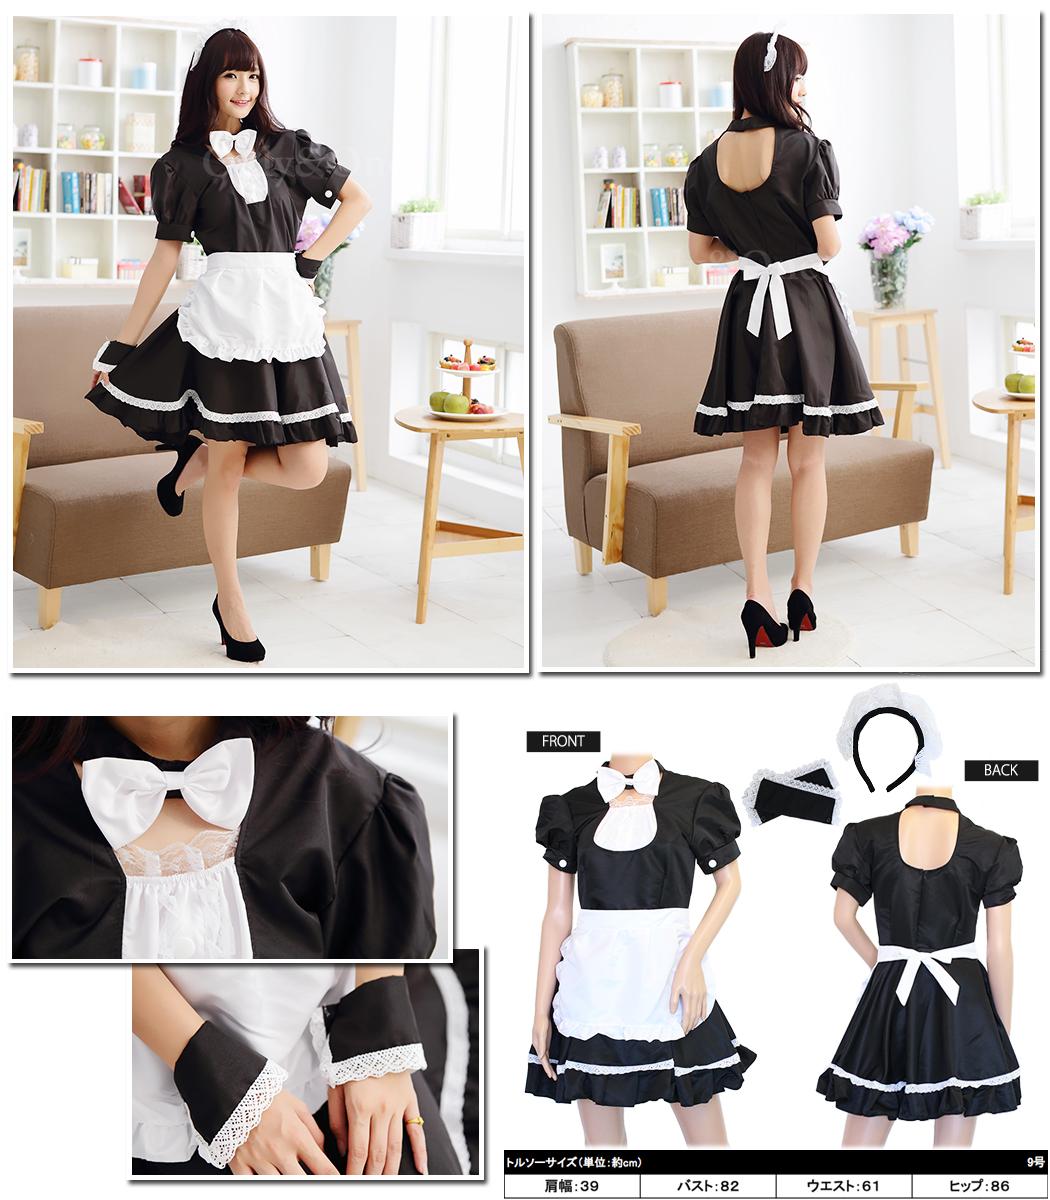 メイド コスプレ メイド服 衣装 ウエイトレス 定番 CUTEふりる 全5サイズ